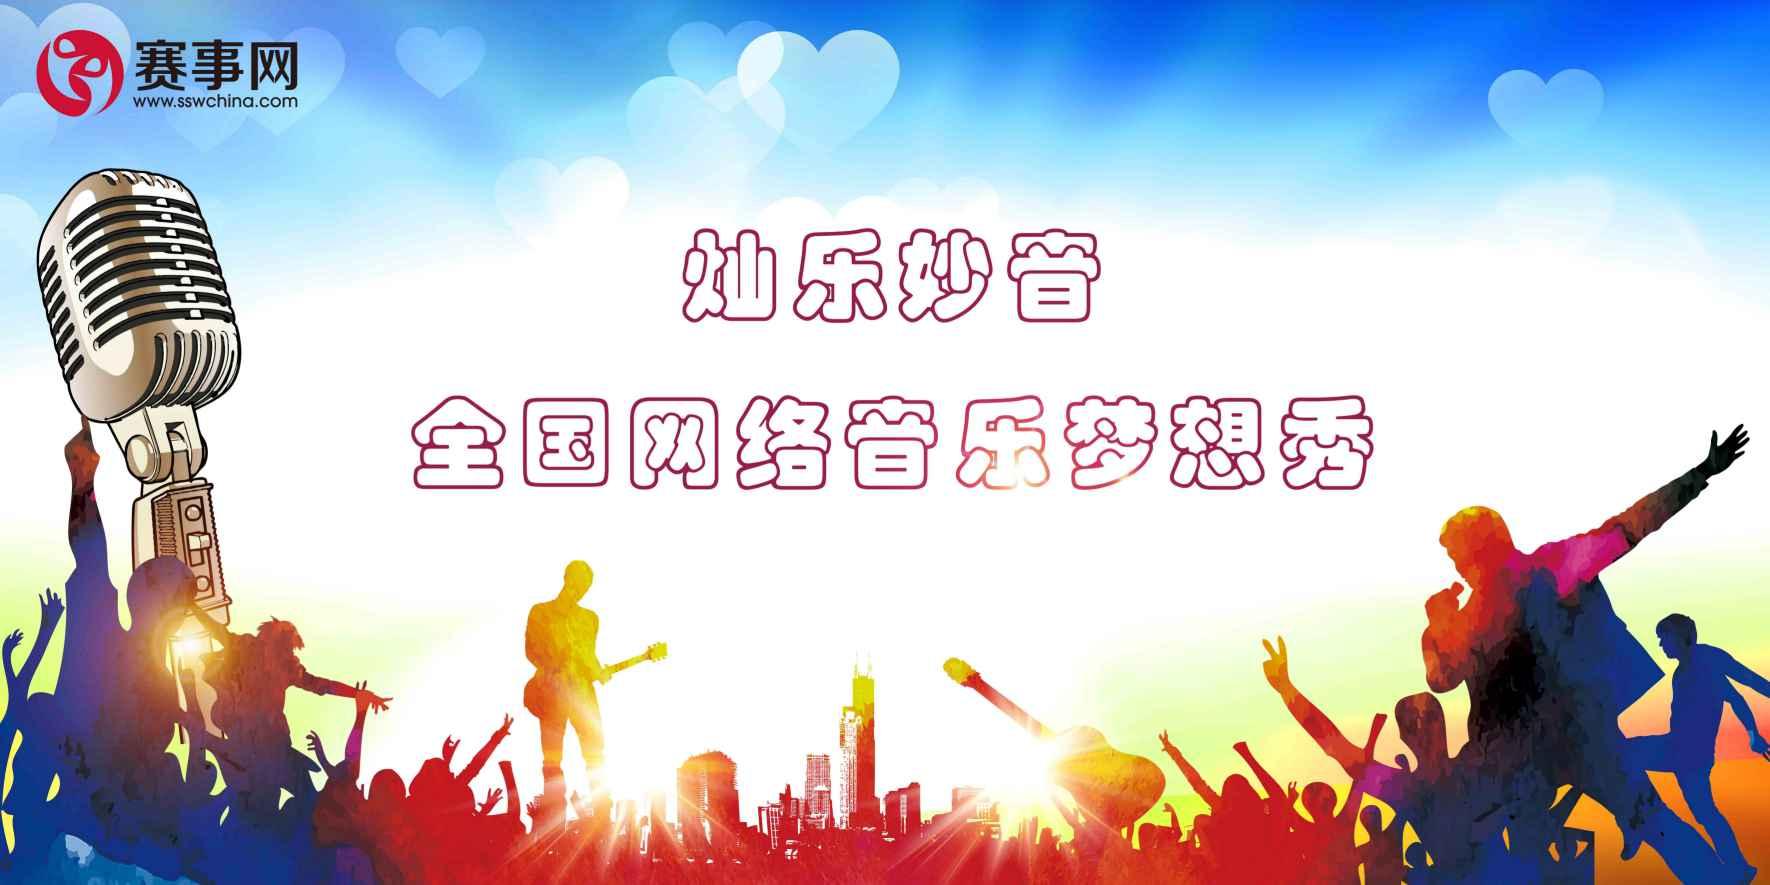 灿乐妙音全国网络音乐梦想秀启动报名